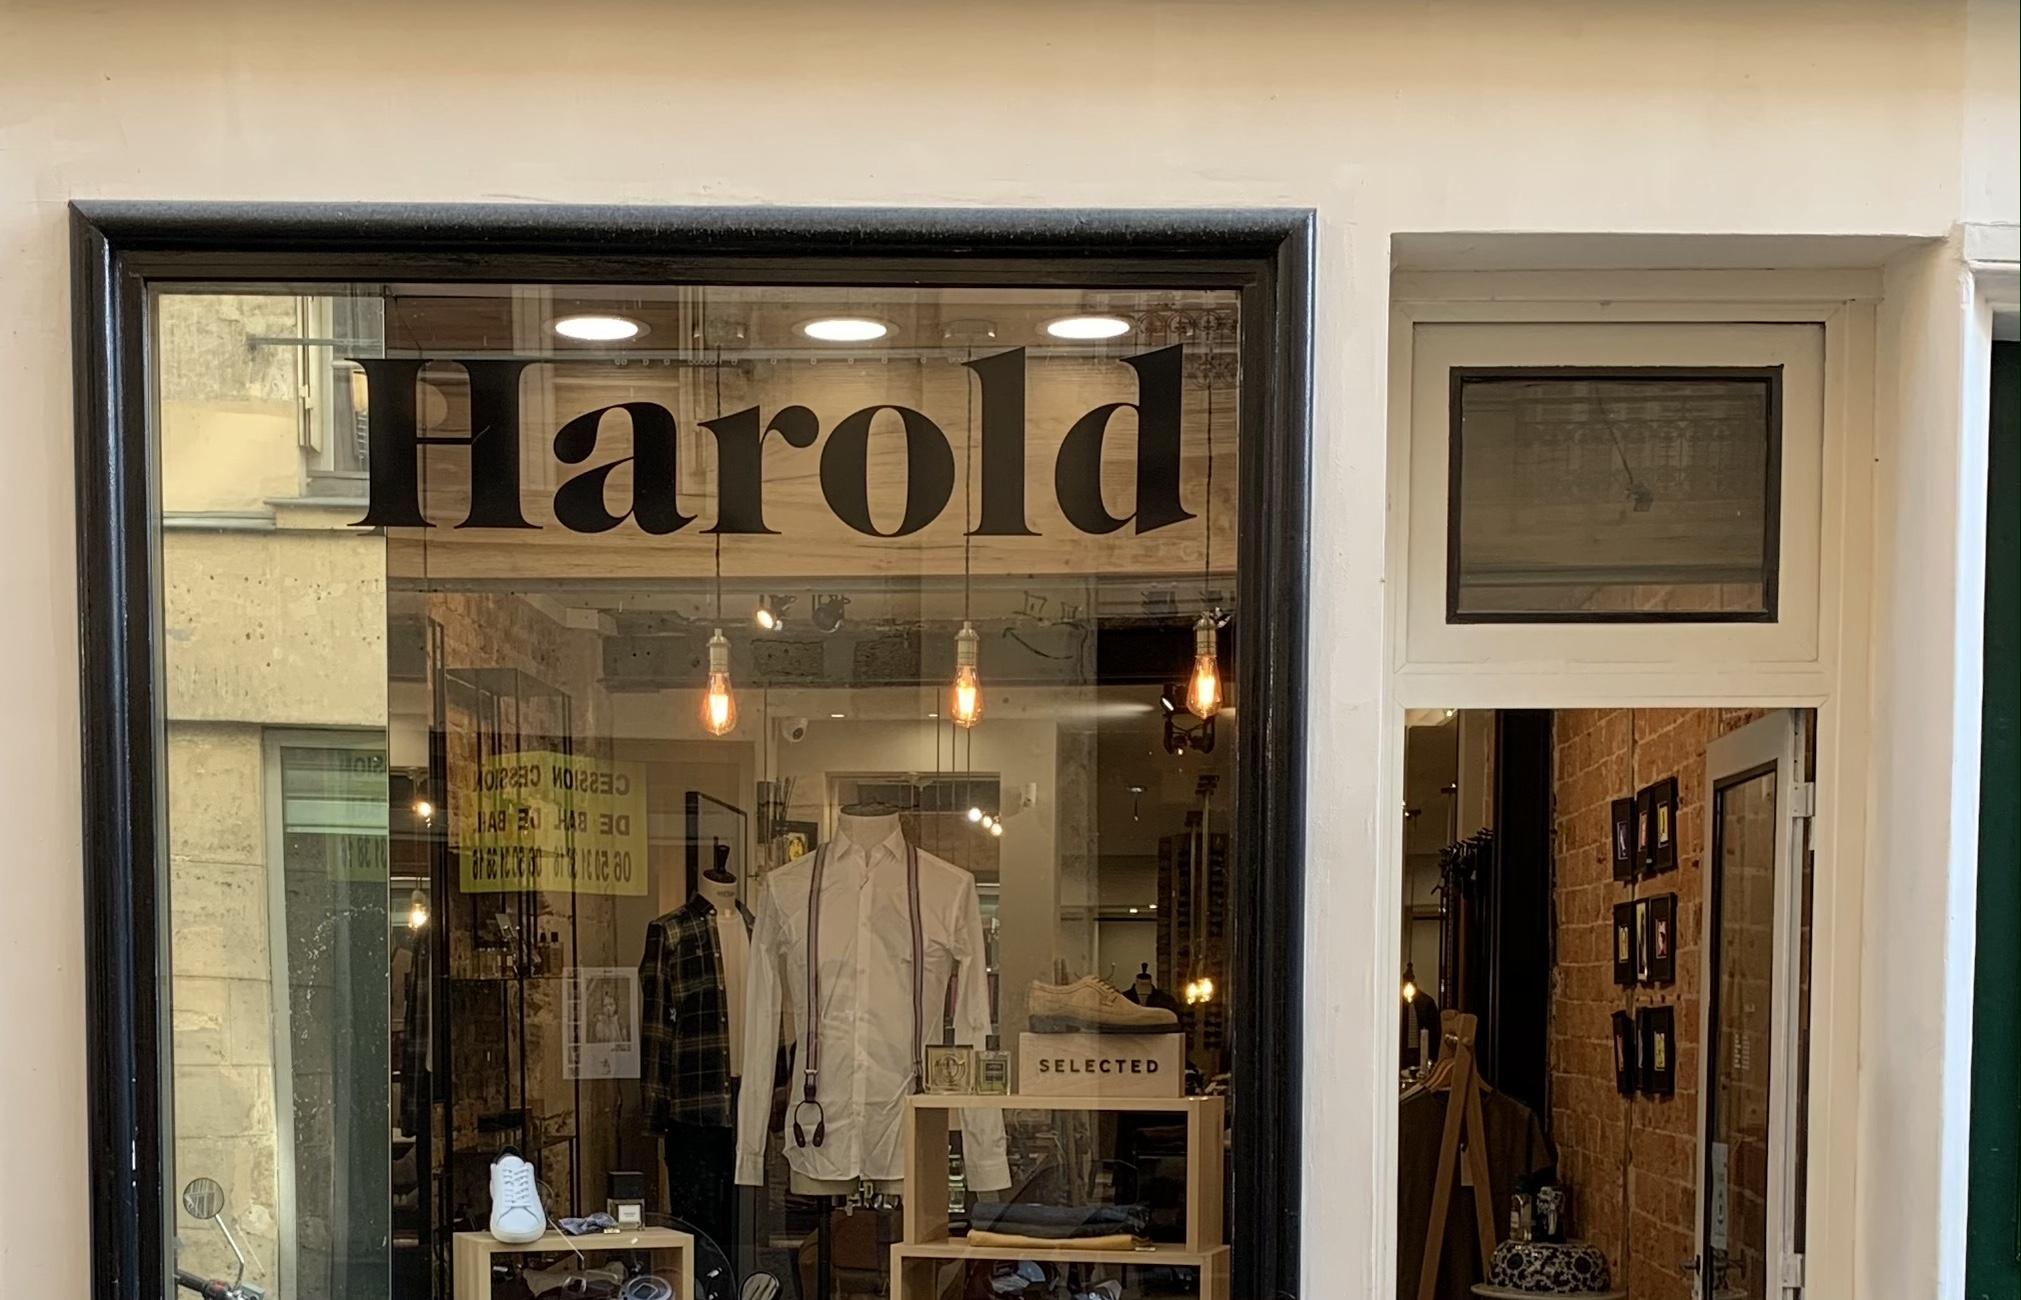 Harold Le Marais